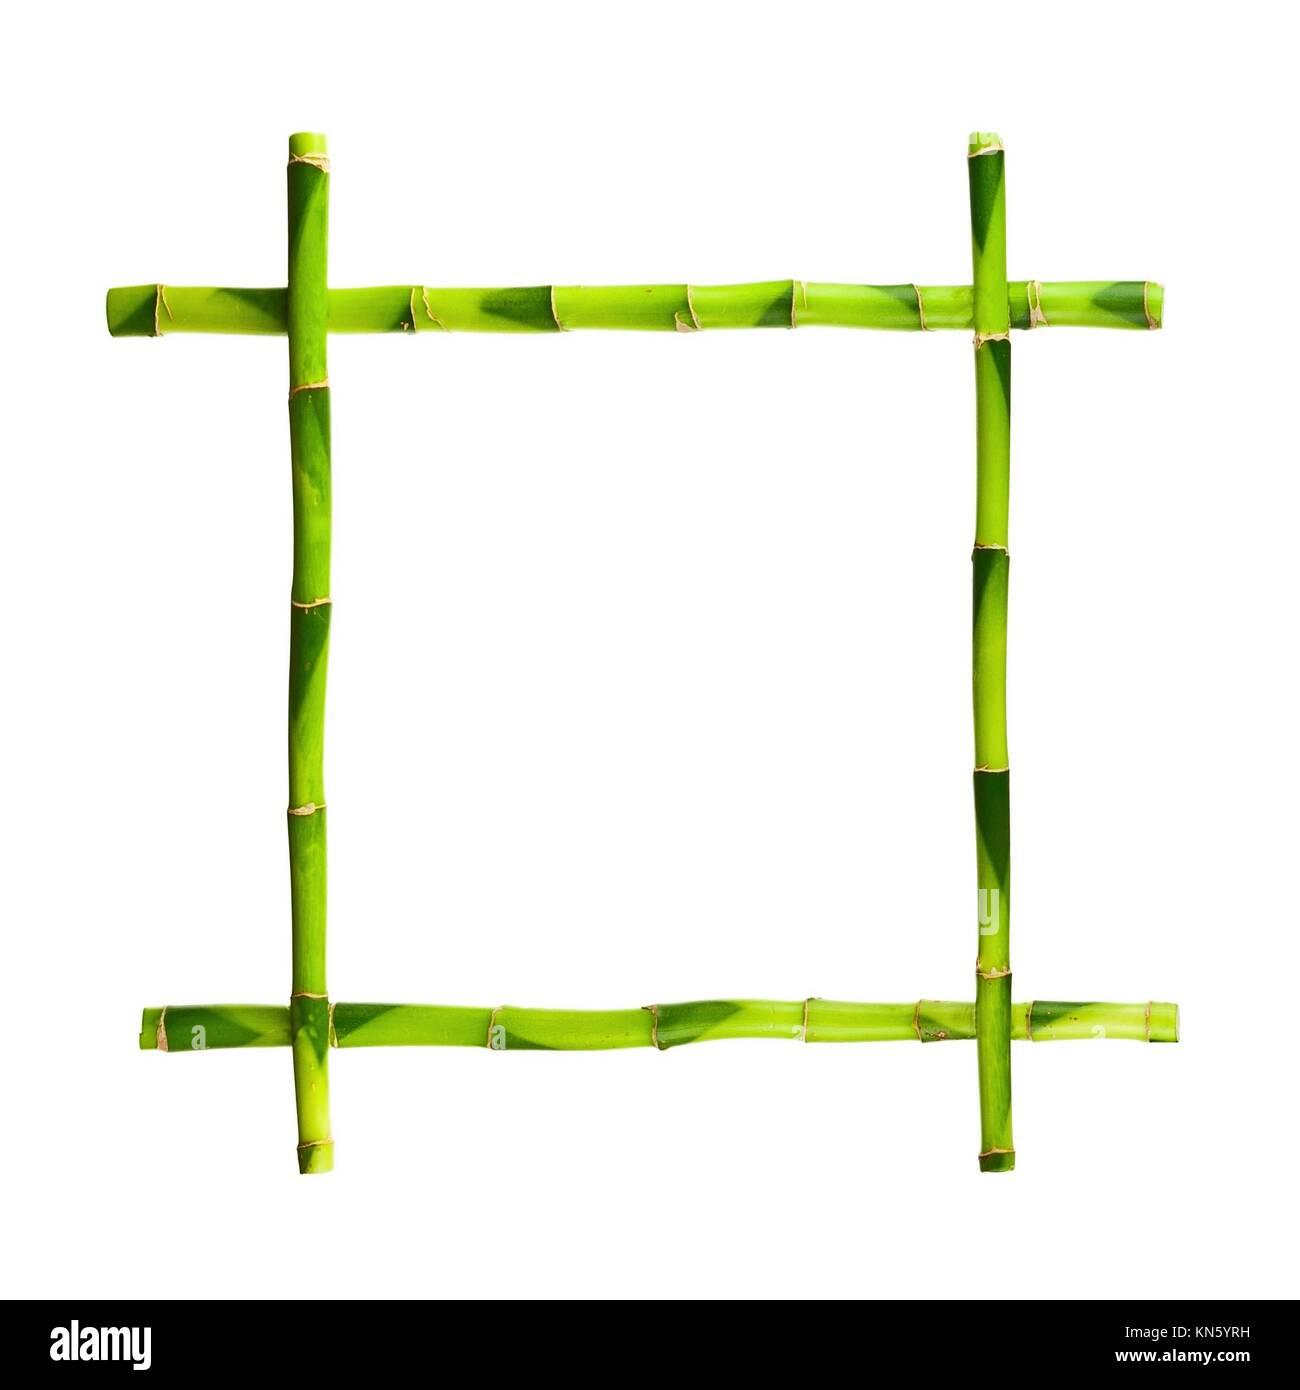 Wunderbar Bambus Bilderrahmen Zeitgenössisch - Rahmen Ideen ...